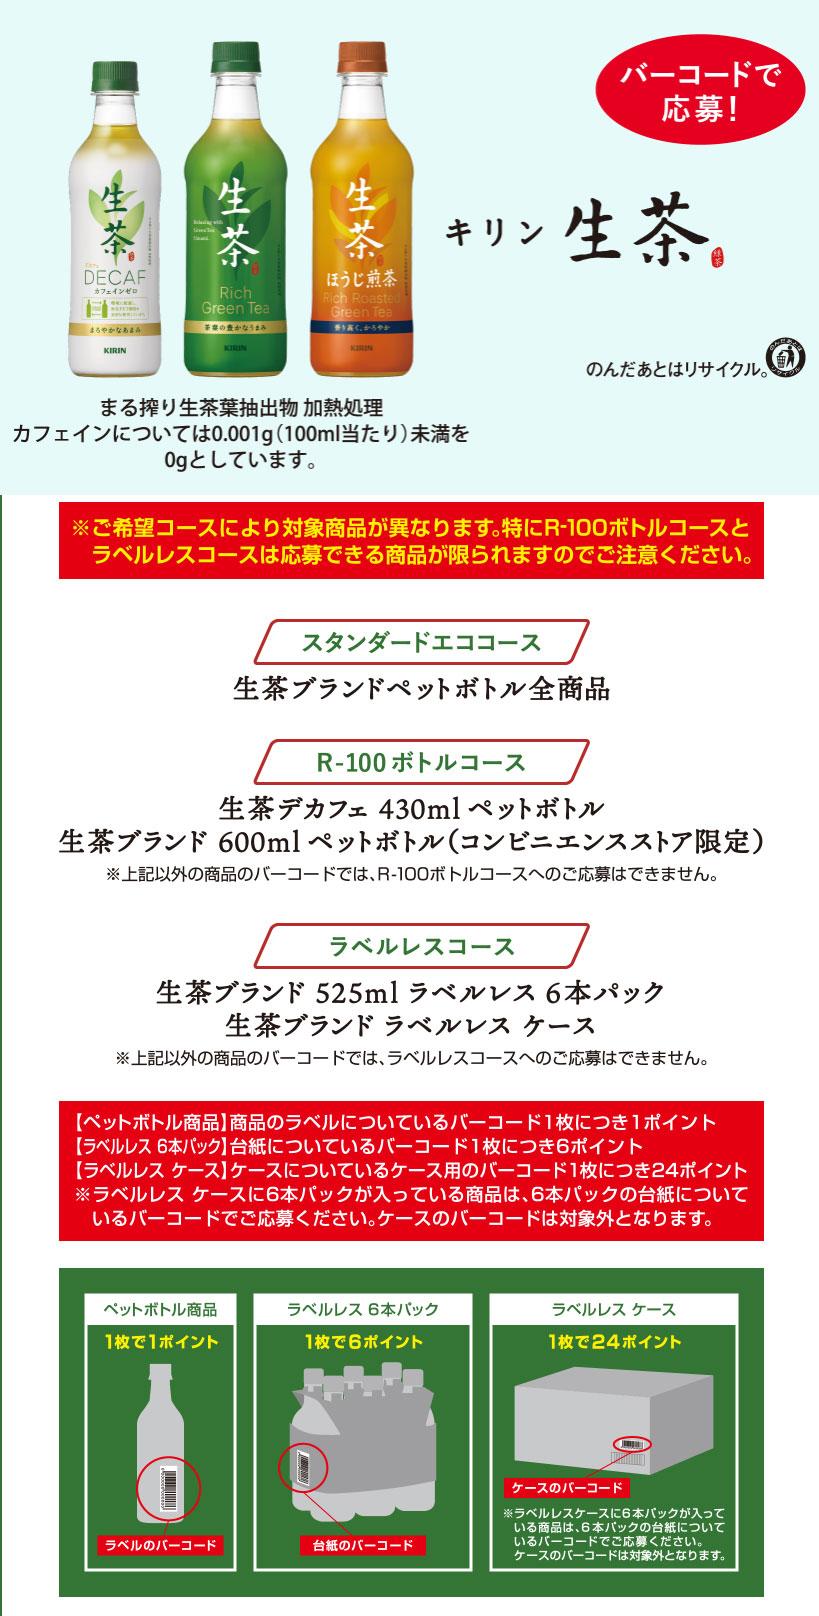 キリン生茶 エコ懸賞キャンペーン2021 対象商品